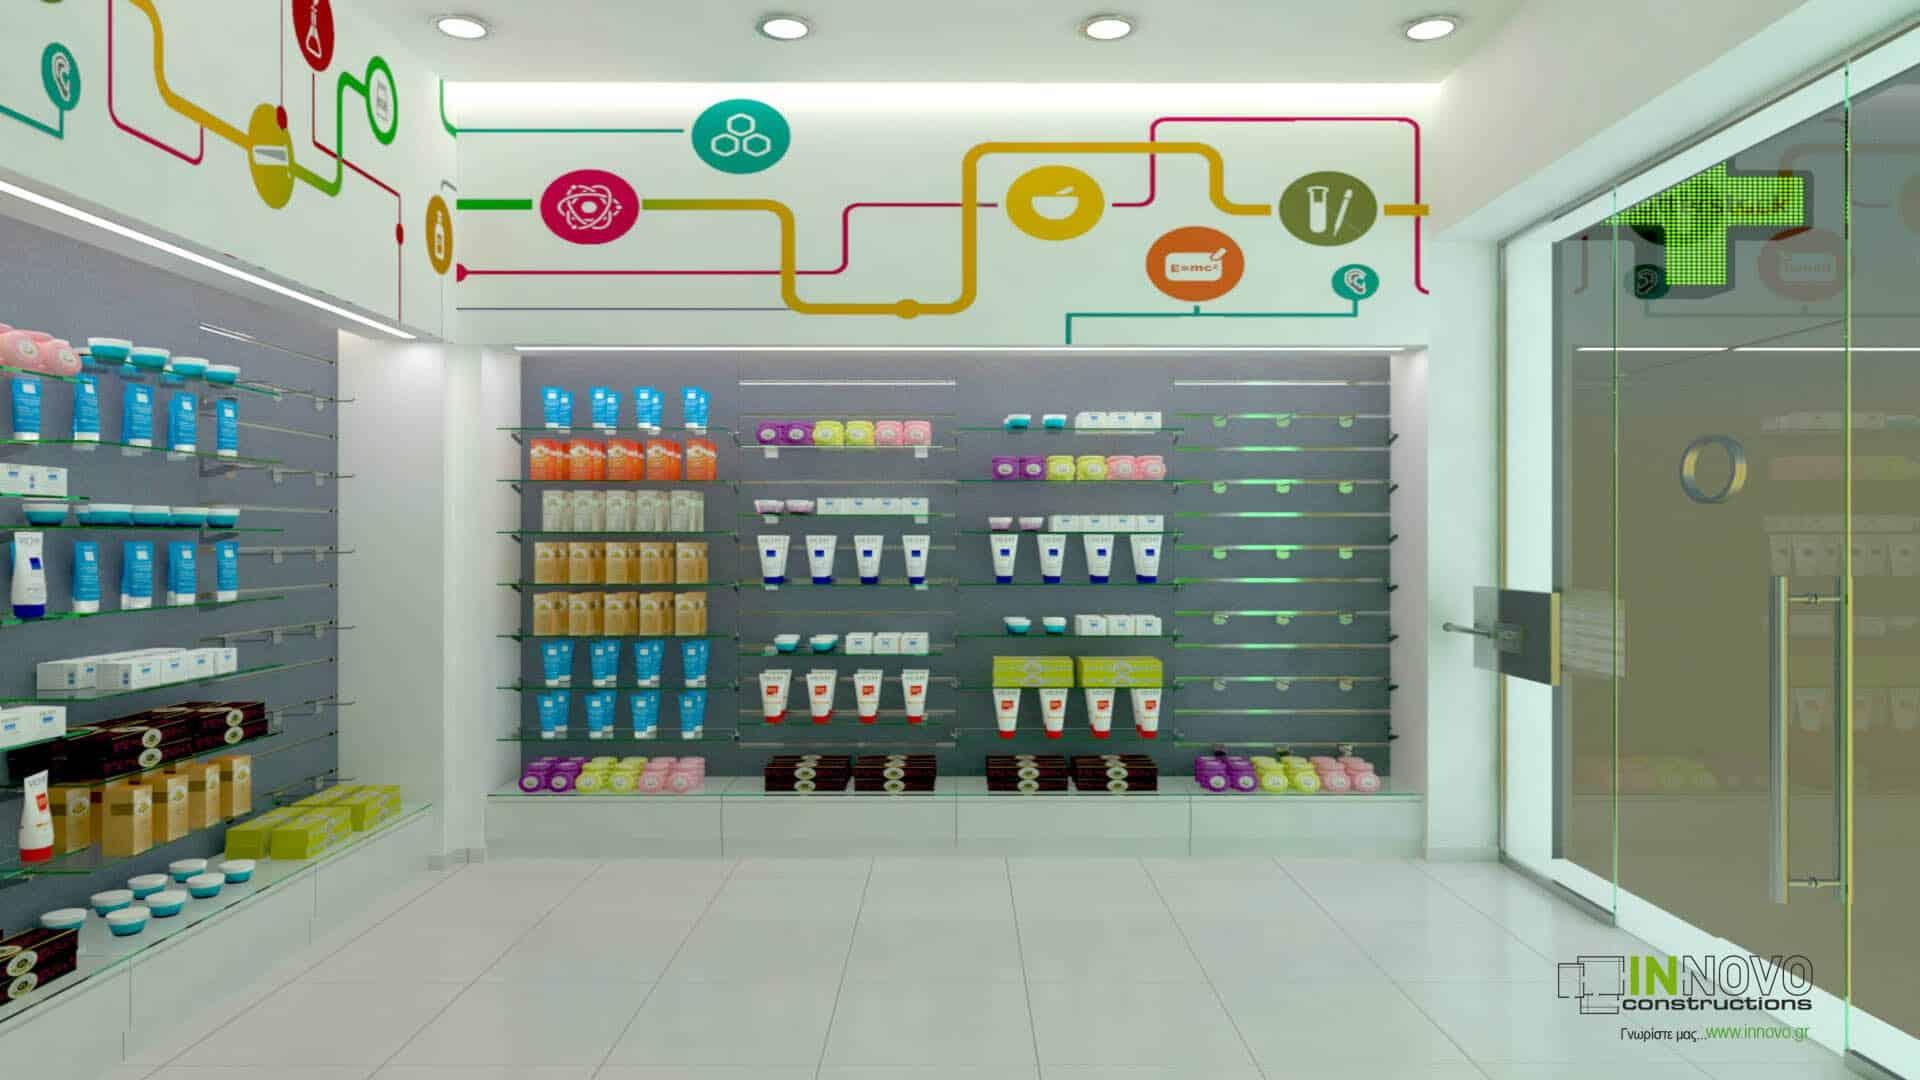 Σχεδιασμός εξοπλισμού φαρμακείου στην Αθήνα